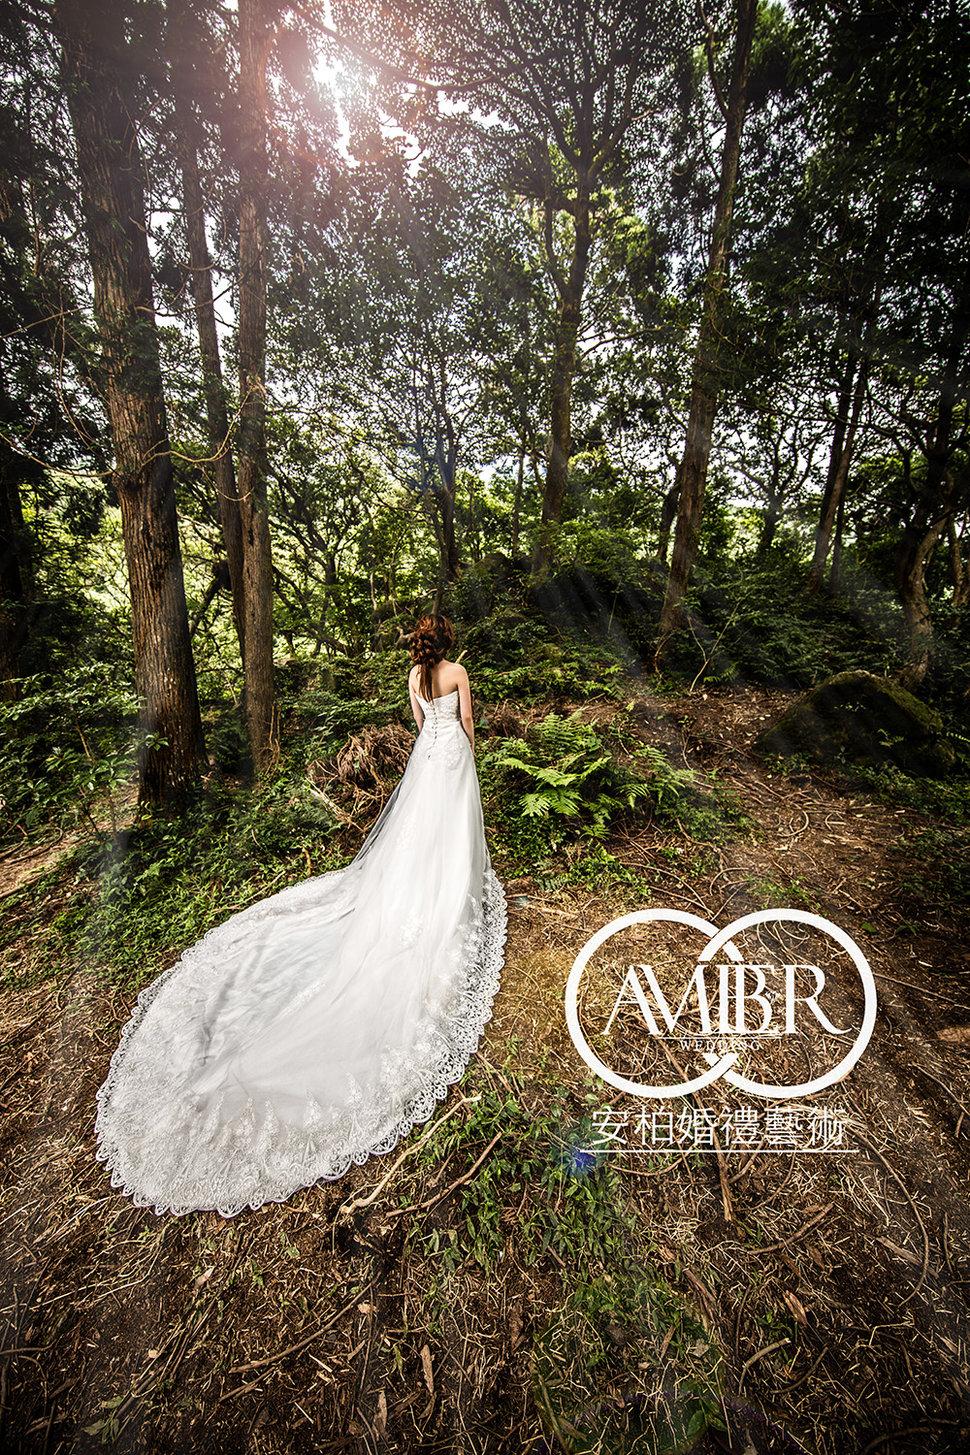 安柏婚紗攝影(編號:10554) - 安柏婚禮藝術 - 結婚吧一站式婚禮服務平台